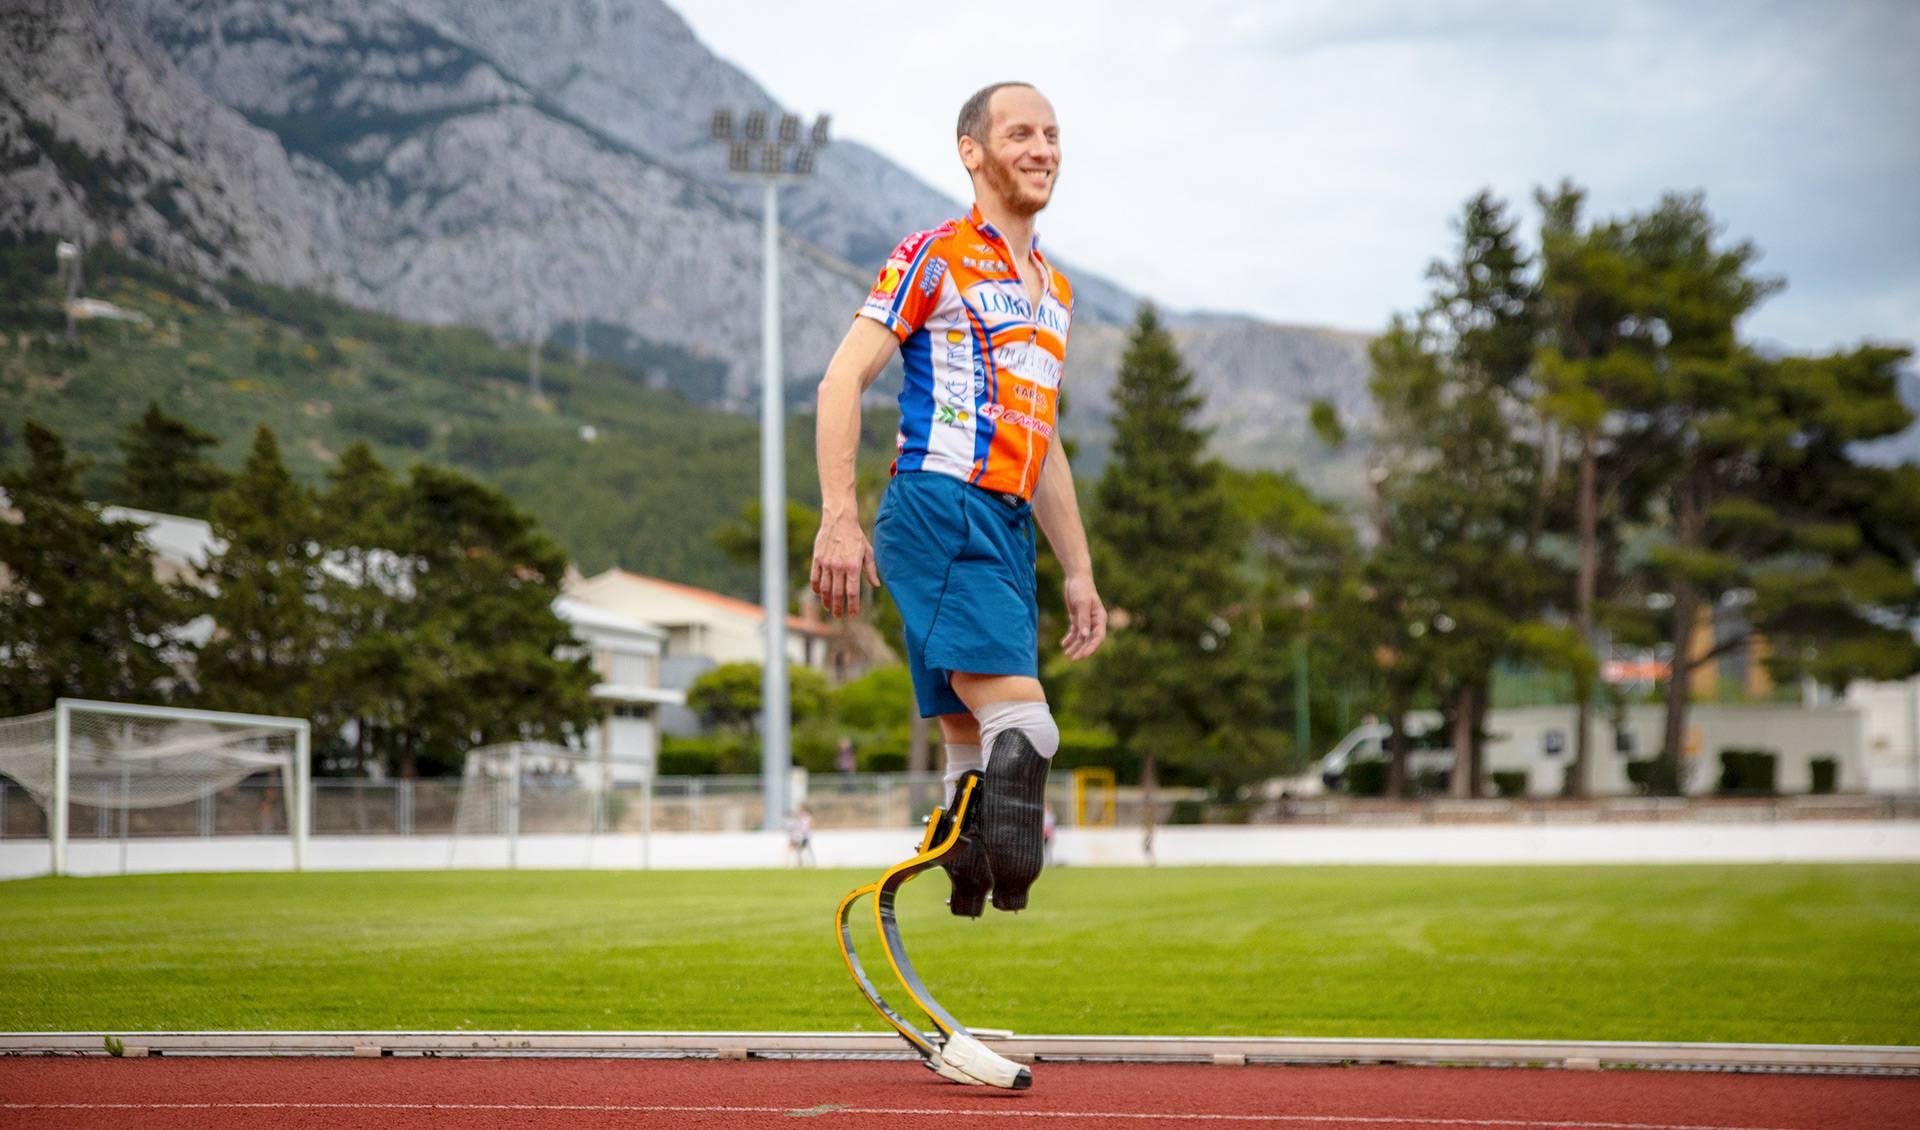 Prvi sam atletičar invalid koji će se utrkivati sa zdravima na 100 metara! I neću ispasti smiješan